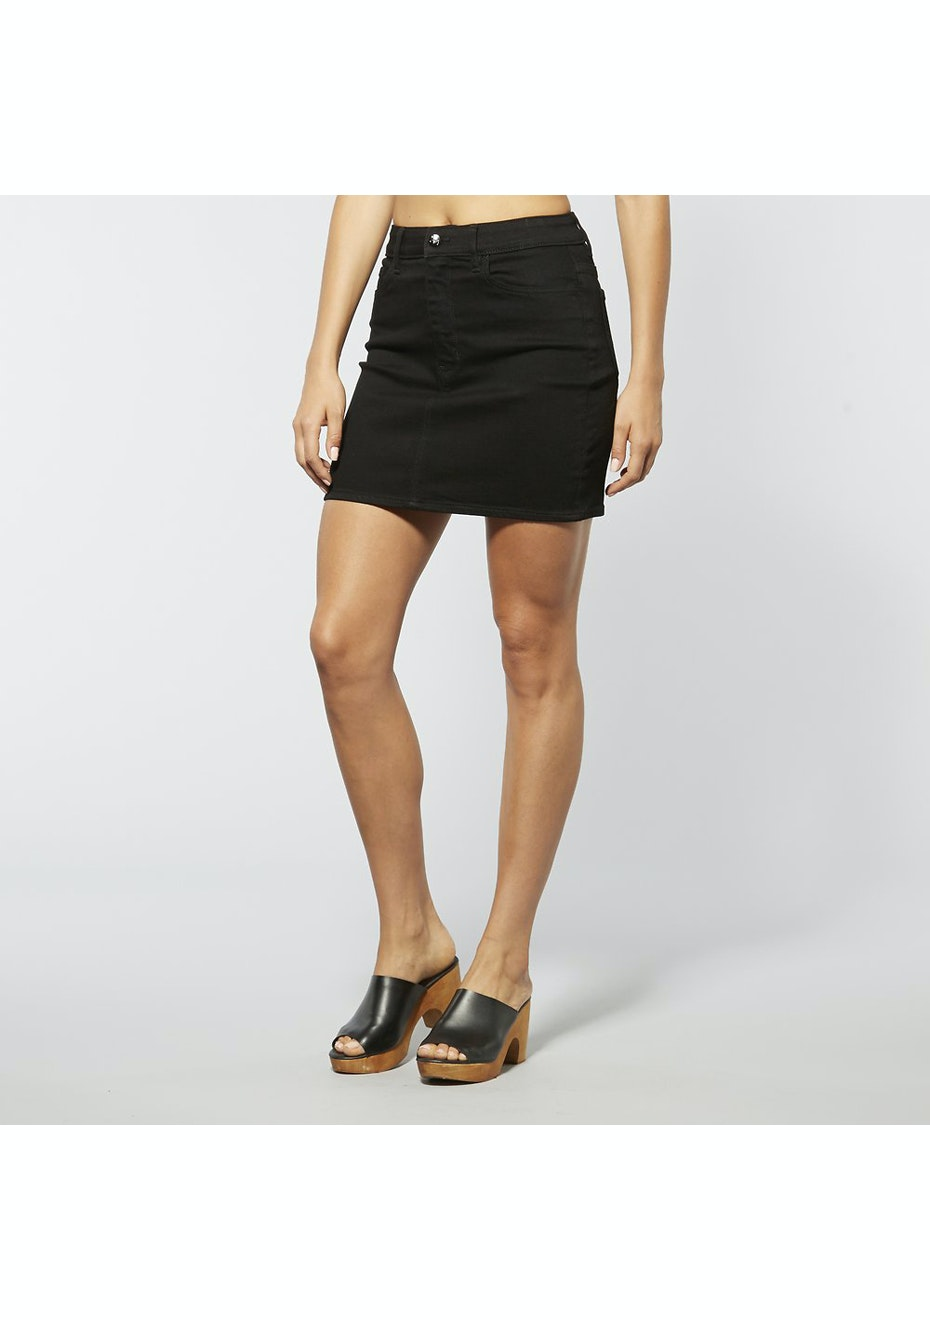 Lee Womens - Sonic Skirt Prime Black